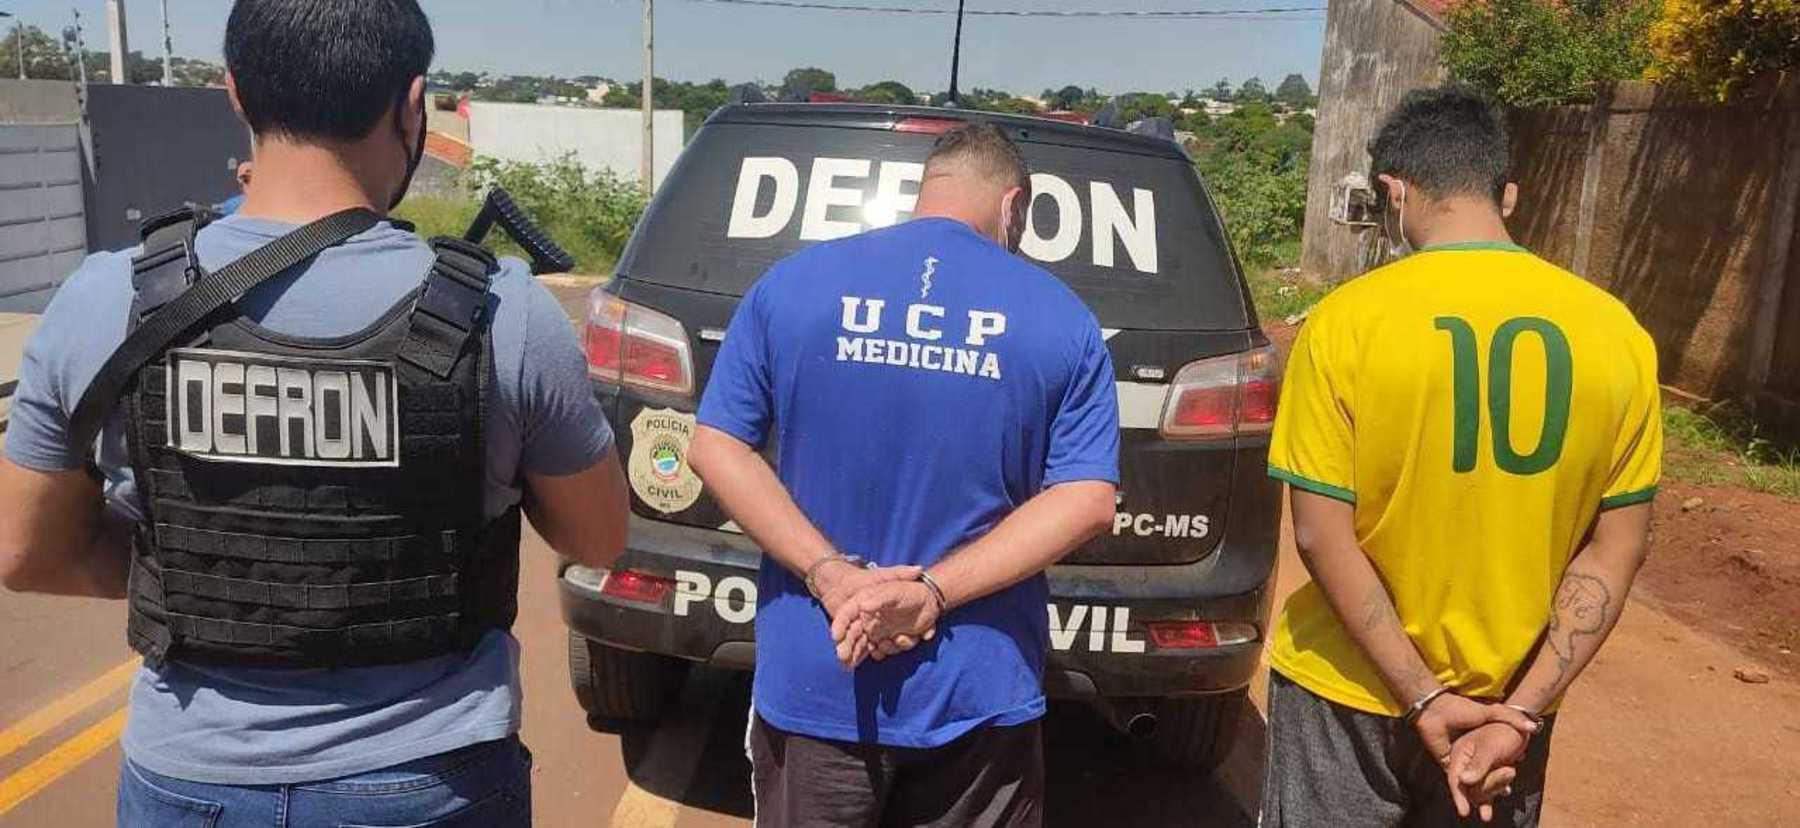 https://img.r7.com/images/brasileiros-criminosos-na-ucp-07062021221237722